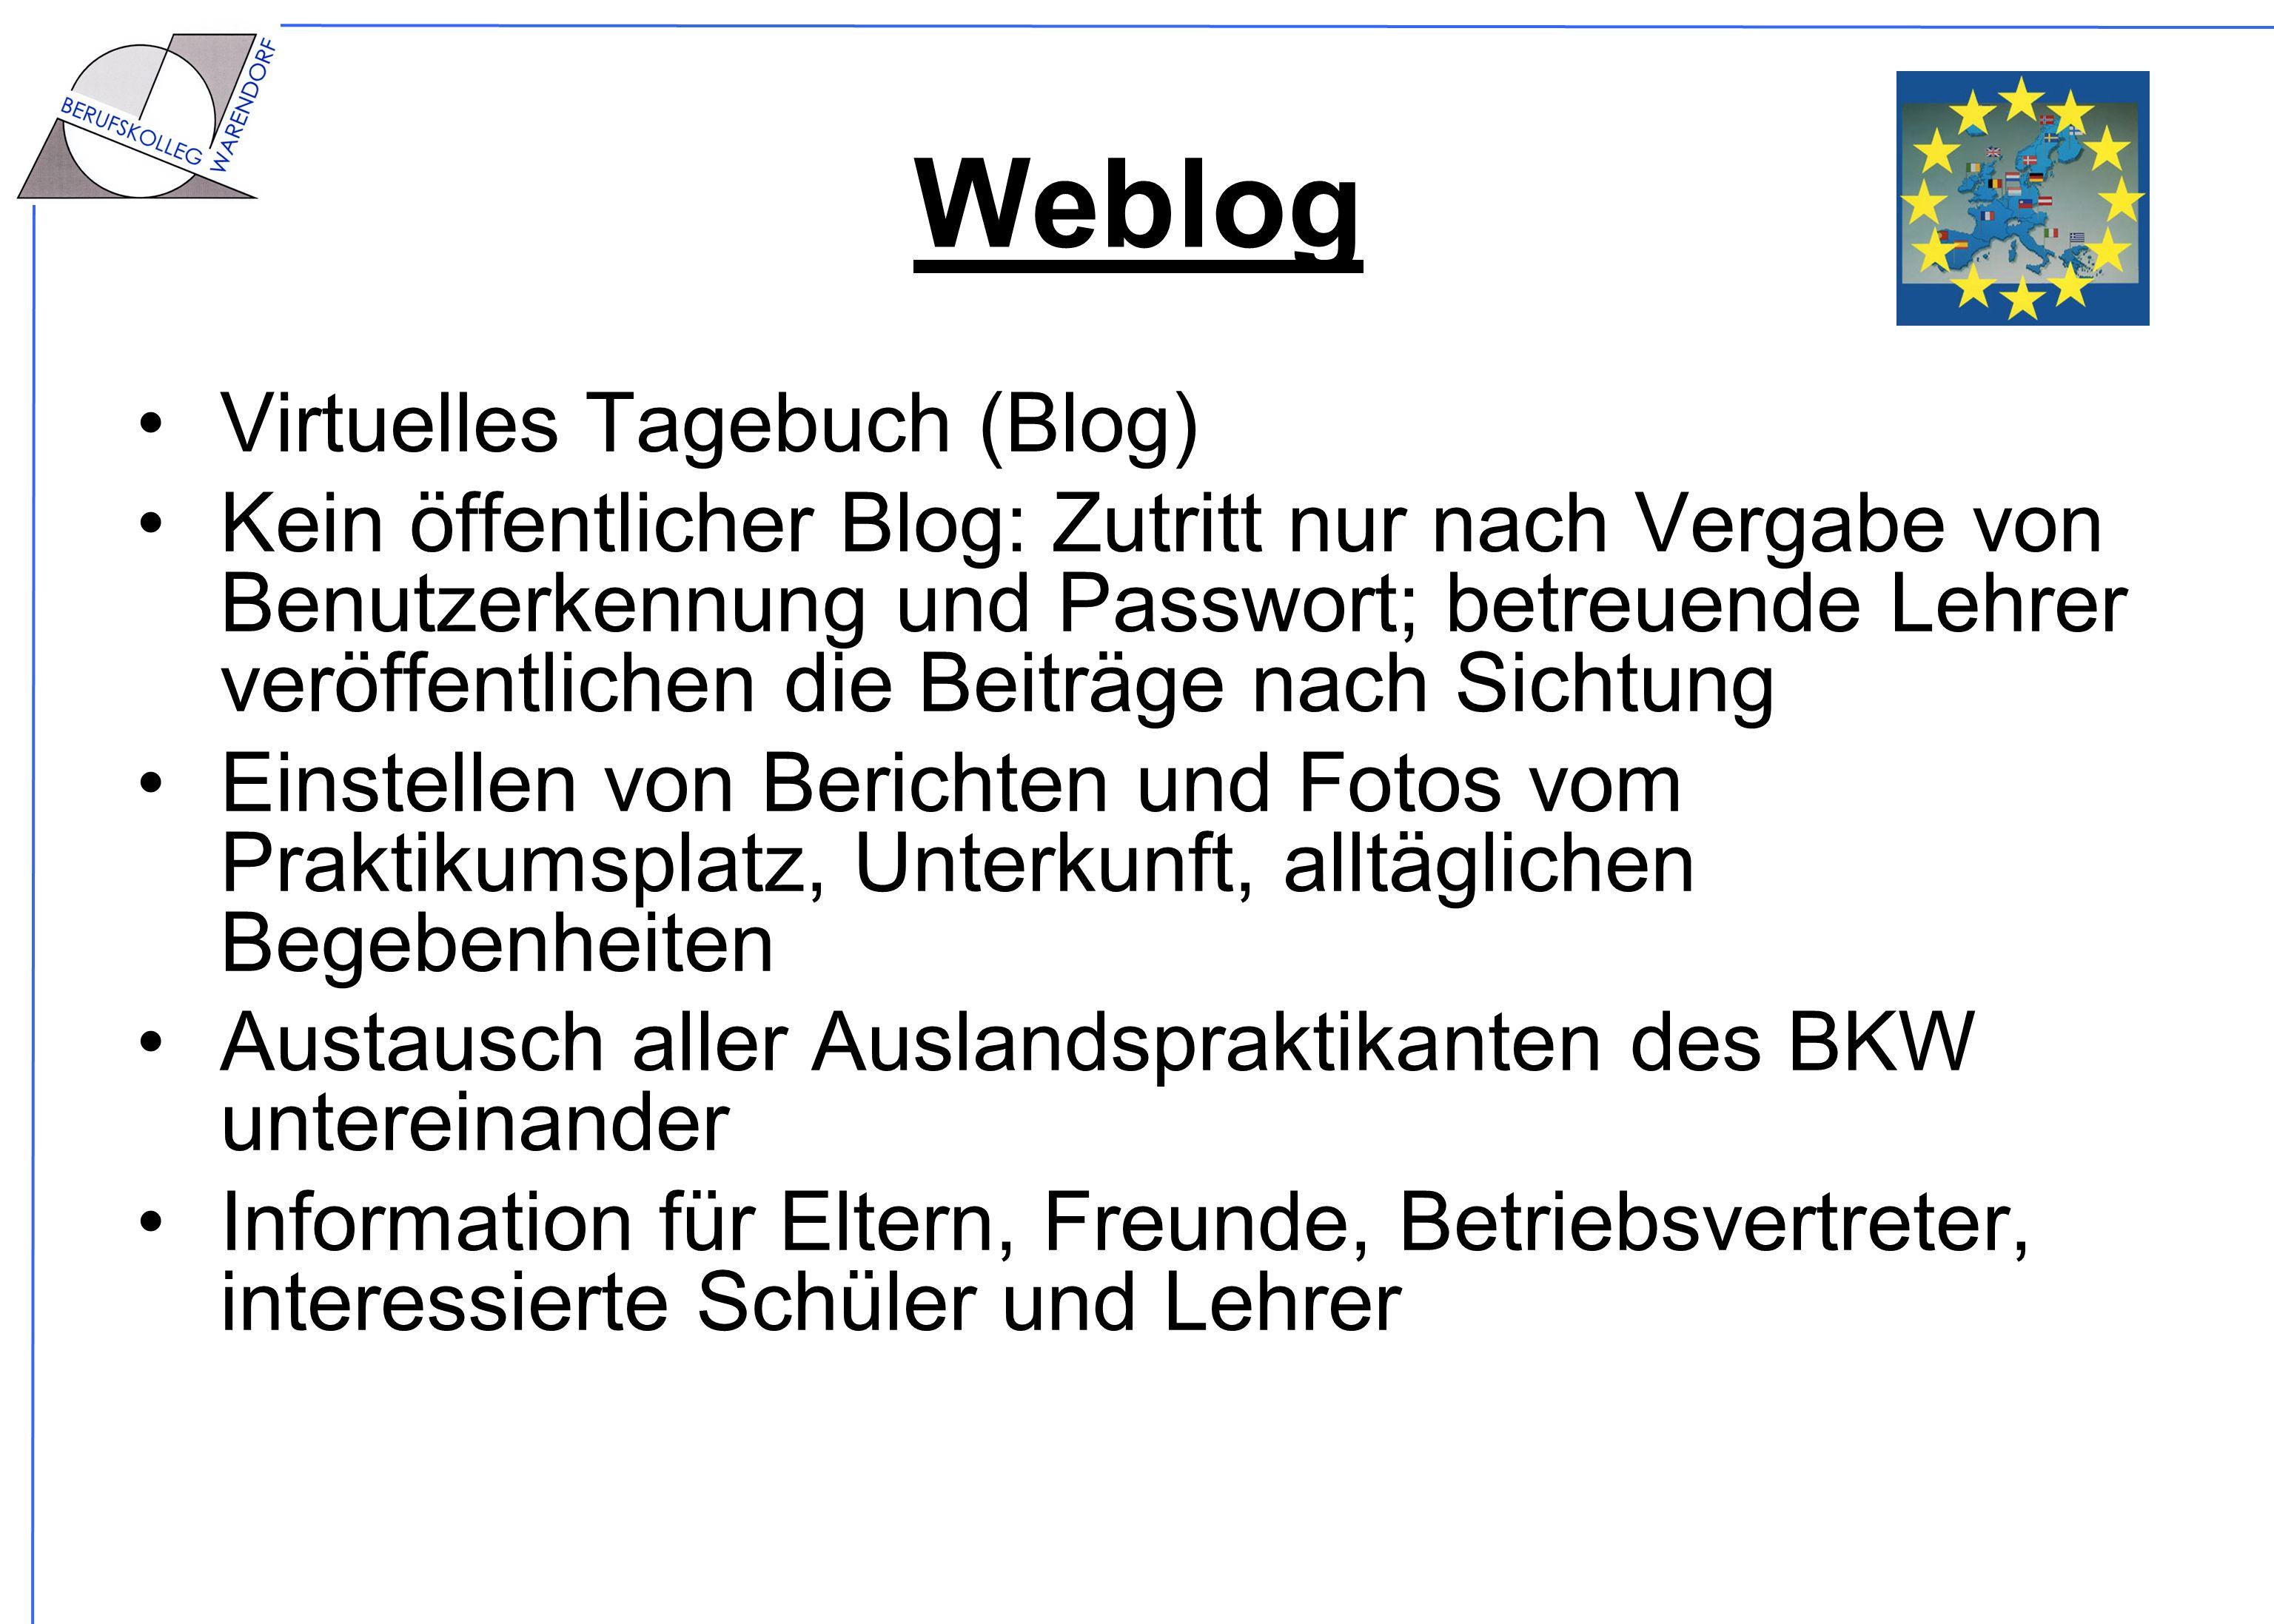 Weblog Virtuelles Tagebuch (Blog) Kein öffentlicher Blog: Zutritt nur nach Vergabe von Benutzerkennung und Passwort; betreuende Lehrer veröffentlichen